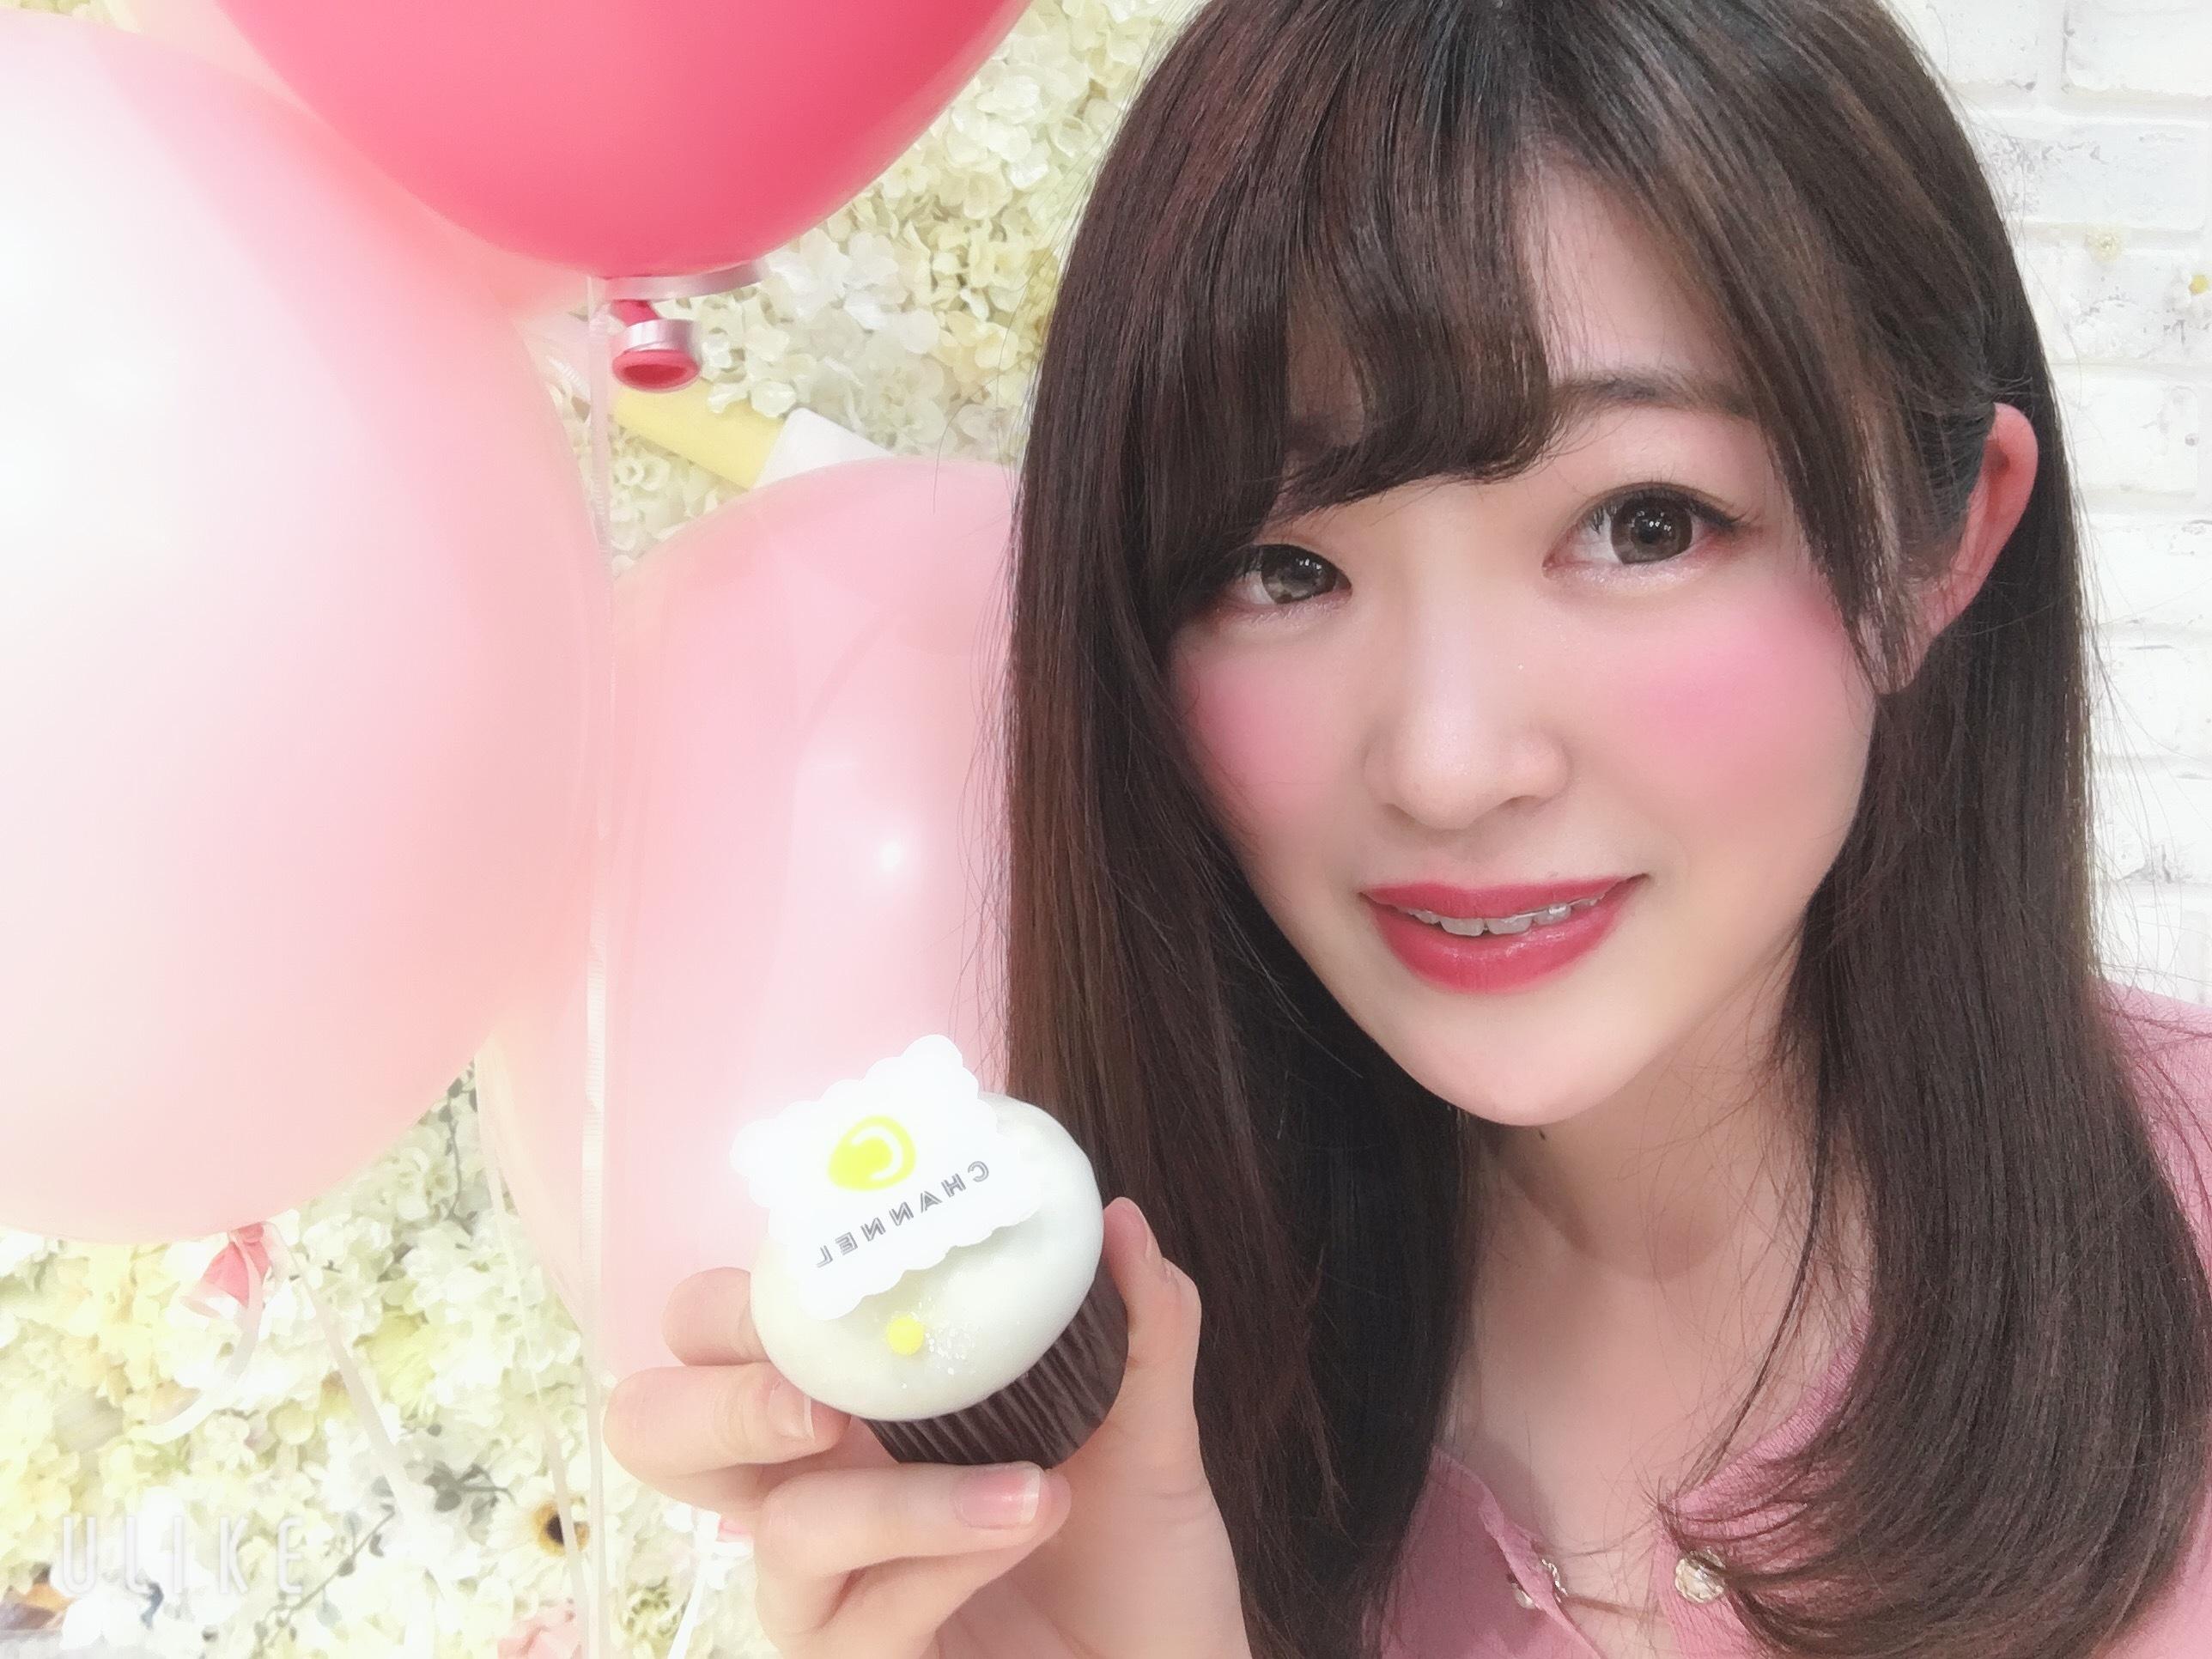 Cチャンネルblossom party2019に行って来ました♡_1_11